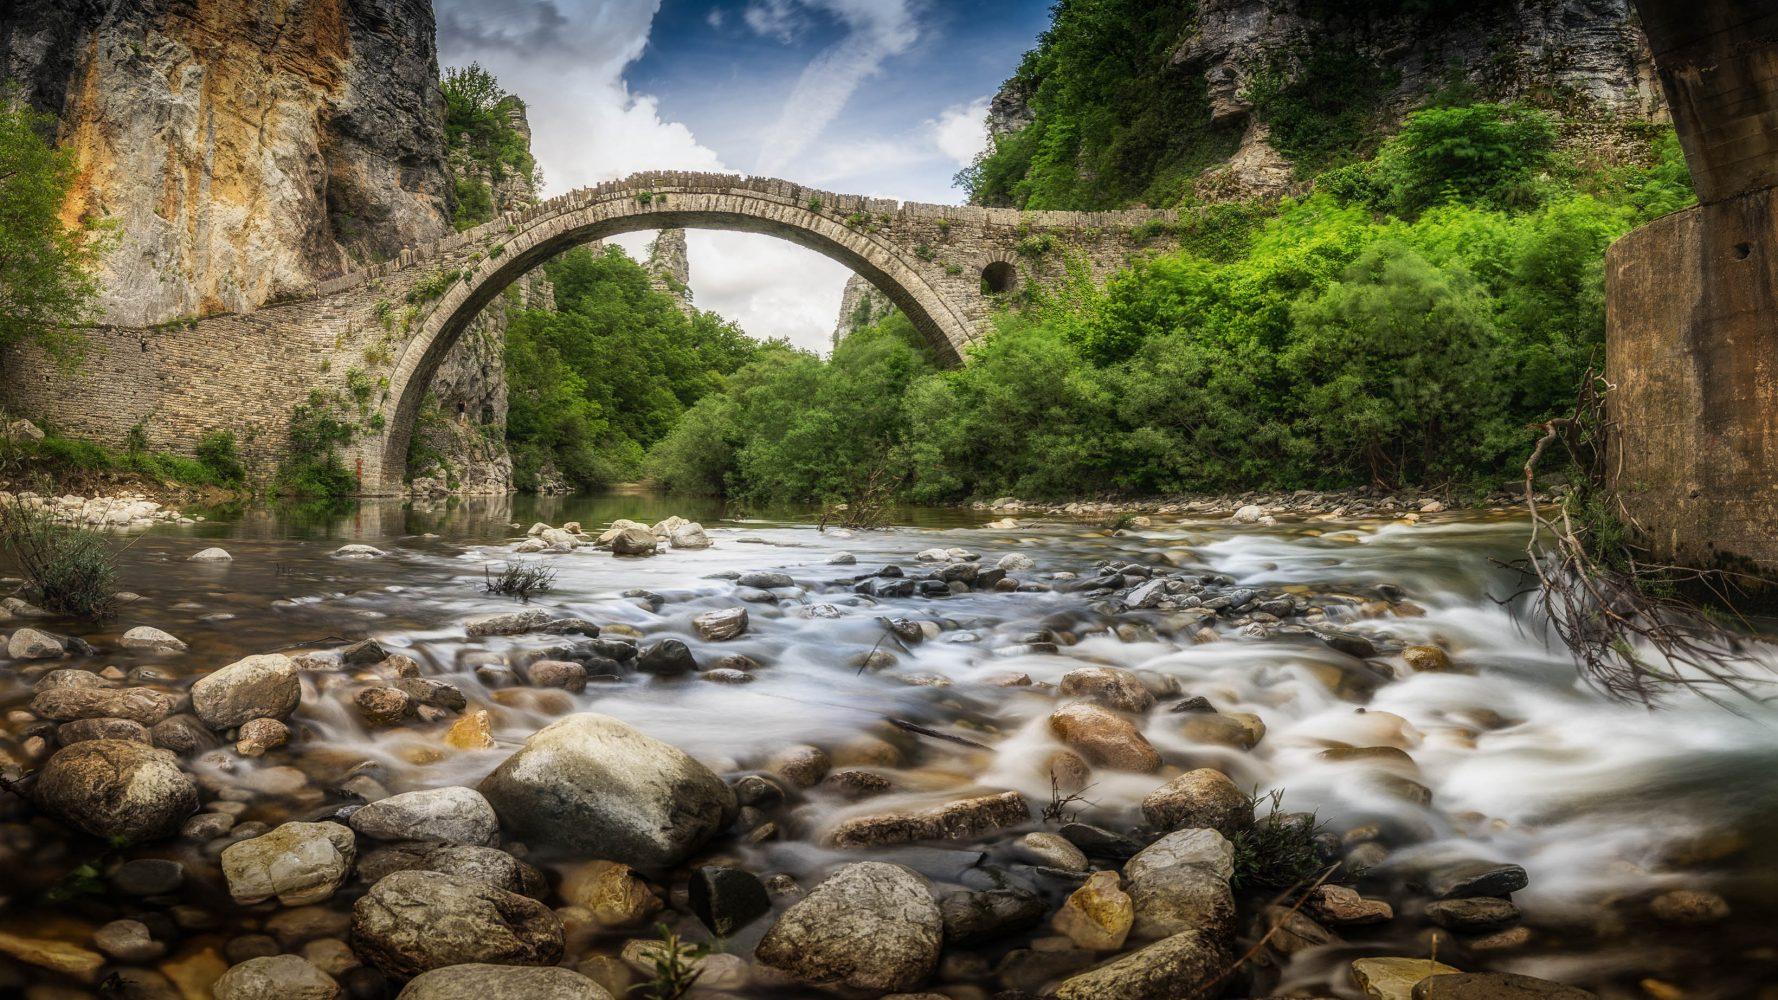 The bridge of Kokoris or Noutsos at Zagori